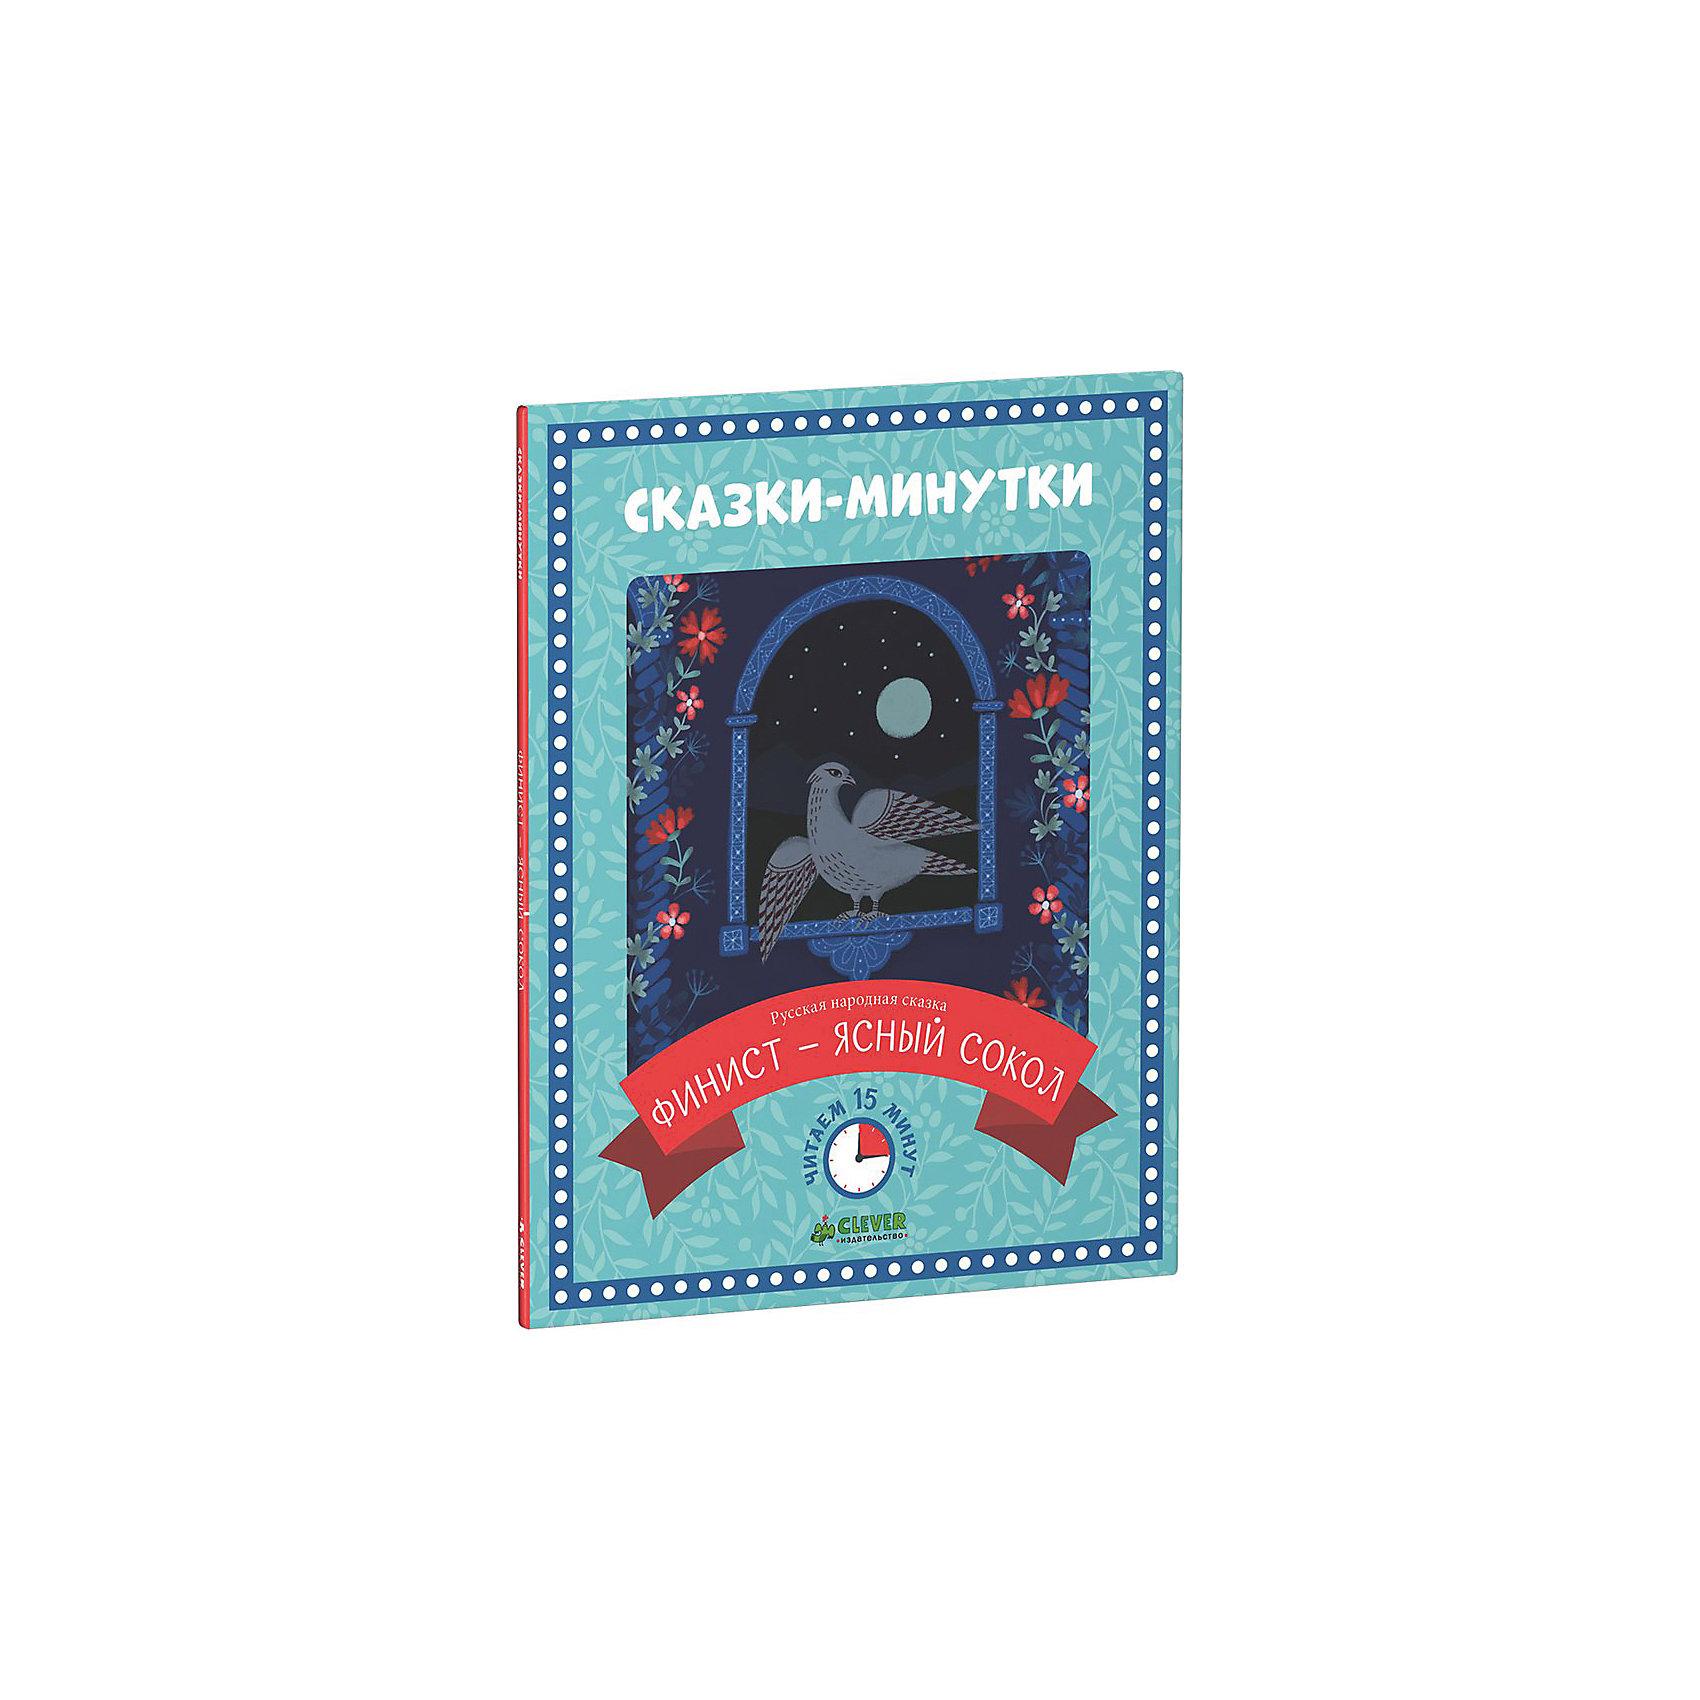 Сказки-минутки Финист - ясный соколСказки<br>Сказки-минутки Финист - ясный сокол – это старая добрая сказка, которая поможет родителям подготовить малыша ко сну.<br>Чтение перед сном – один из самых важных и приятных моментов в воспитании ребенка, повод для общения и создания хорошего настроения. Яркие иллюстрированные книжечки, вошедшие в серию «Сказки-минутки», помогут вам провести это время с максимальной пользой и удовольствием. Книги серии «Сказки-минутки» - это самые любимые, самые лучшие сказки, проиллюстрированные современными молодыми художникамии. Чтение сказки-минутки Финист - ясный сокол займет у Вас 15 минут. Приятного чтения!<br><br>Дополнительная информация:<br><br>- Художник: Сусидко Маша<br>- Редактор: Измайлова Елена<br>- Издательство: Клевер Медиа Групп, 2016 г.<br>- Серия: Сказки-минутки<br>- Тип обложки: мягкий переплет (крепление скрепкой или клеем)<br>- Иллюстрации: цветные<br>- Количество страниц: 32 (офсет)<br>- Размер: 210x171x2 мм.<br>- Вес: 78 гр.<br><br>Книгу Сказки-минутки Финист - ясный сокол можно купить в нашем интернет-магазине.<br><br>Ширина мм: 210<br>Глубина мм: 170<br>Высота мм: 4<br>Вес г: 80<br>Возраст от месяцев: 48<br>Возраст до месяцев: 72<br>Пол: Унисекс<br>Возраст: Детский<br>SKU: 4554206